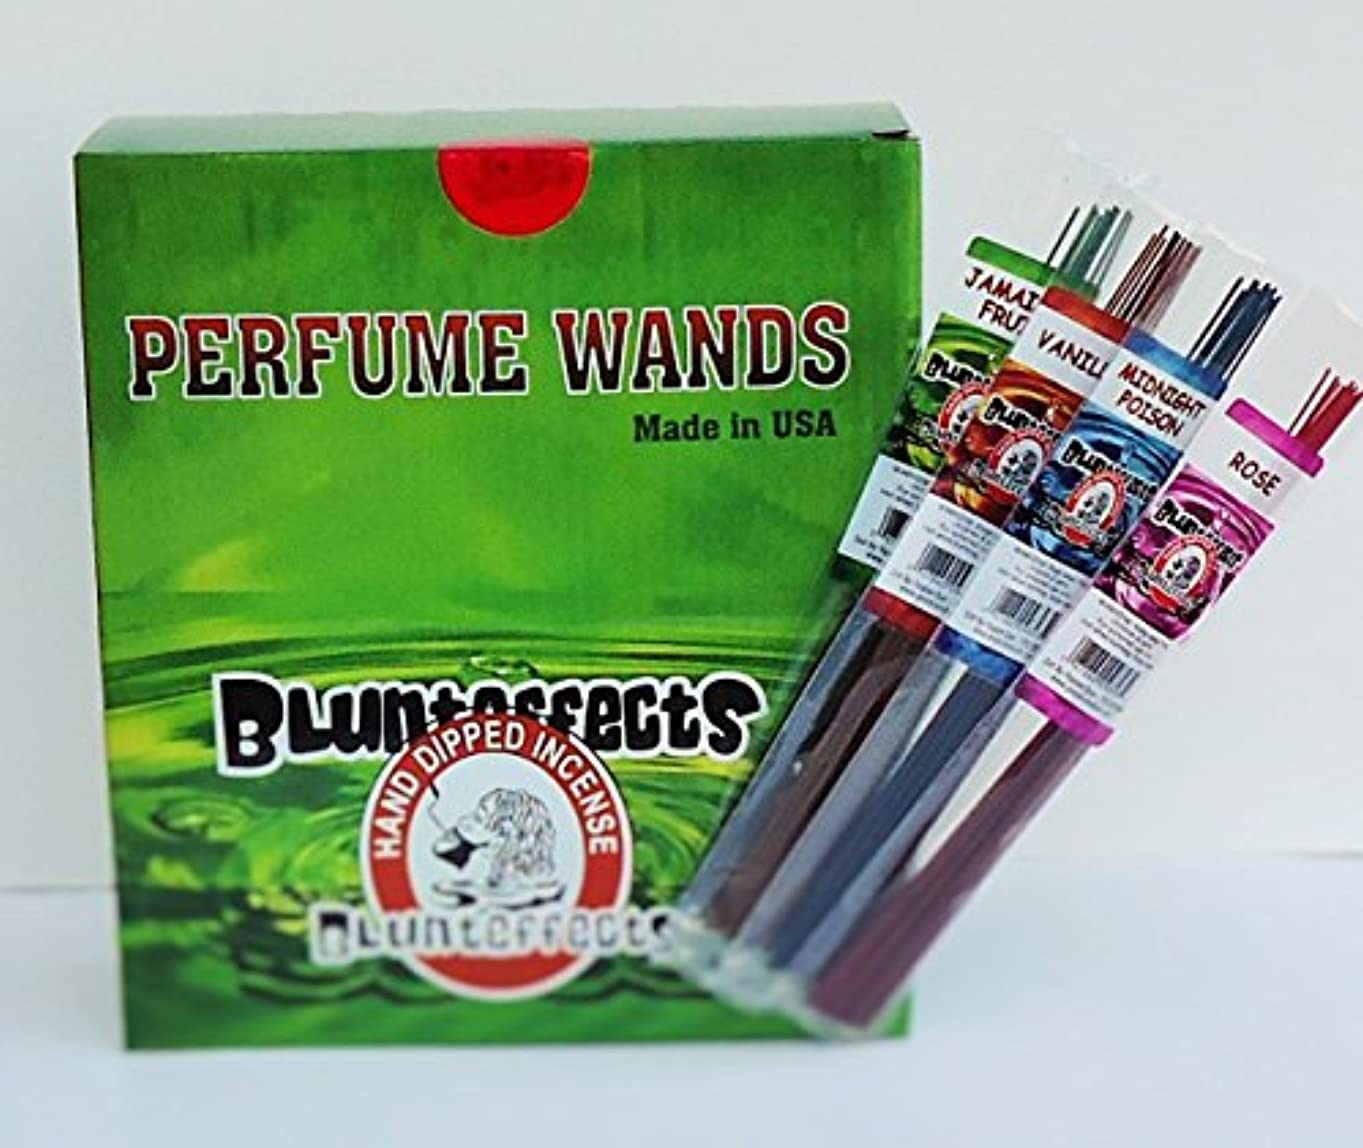 隣人高い隠されたBlunteffects hand-dipped Incense表示72 Count